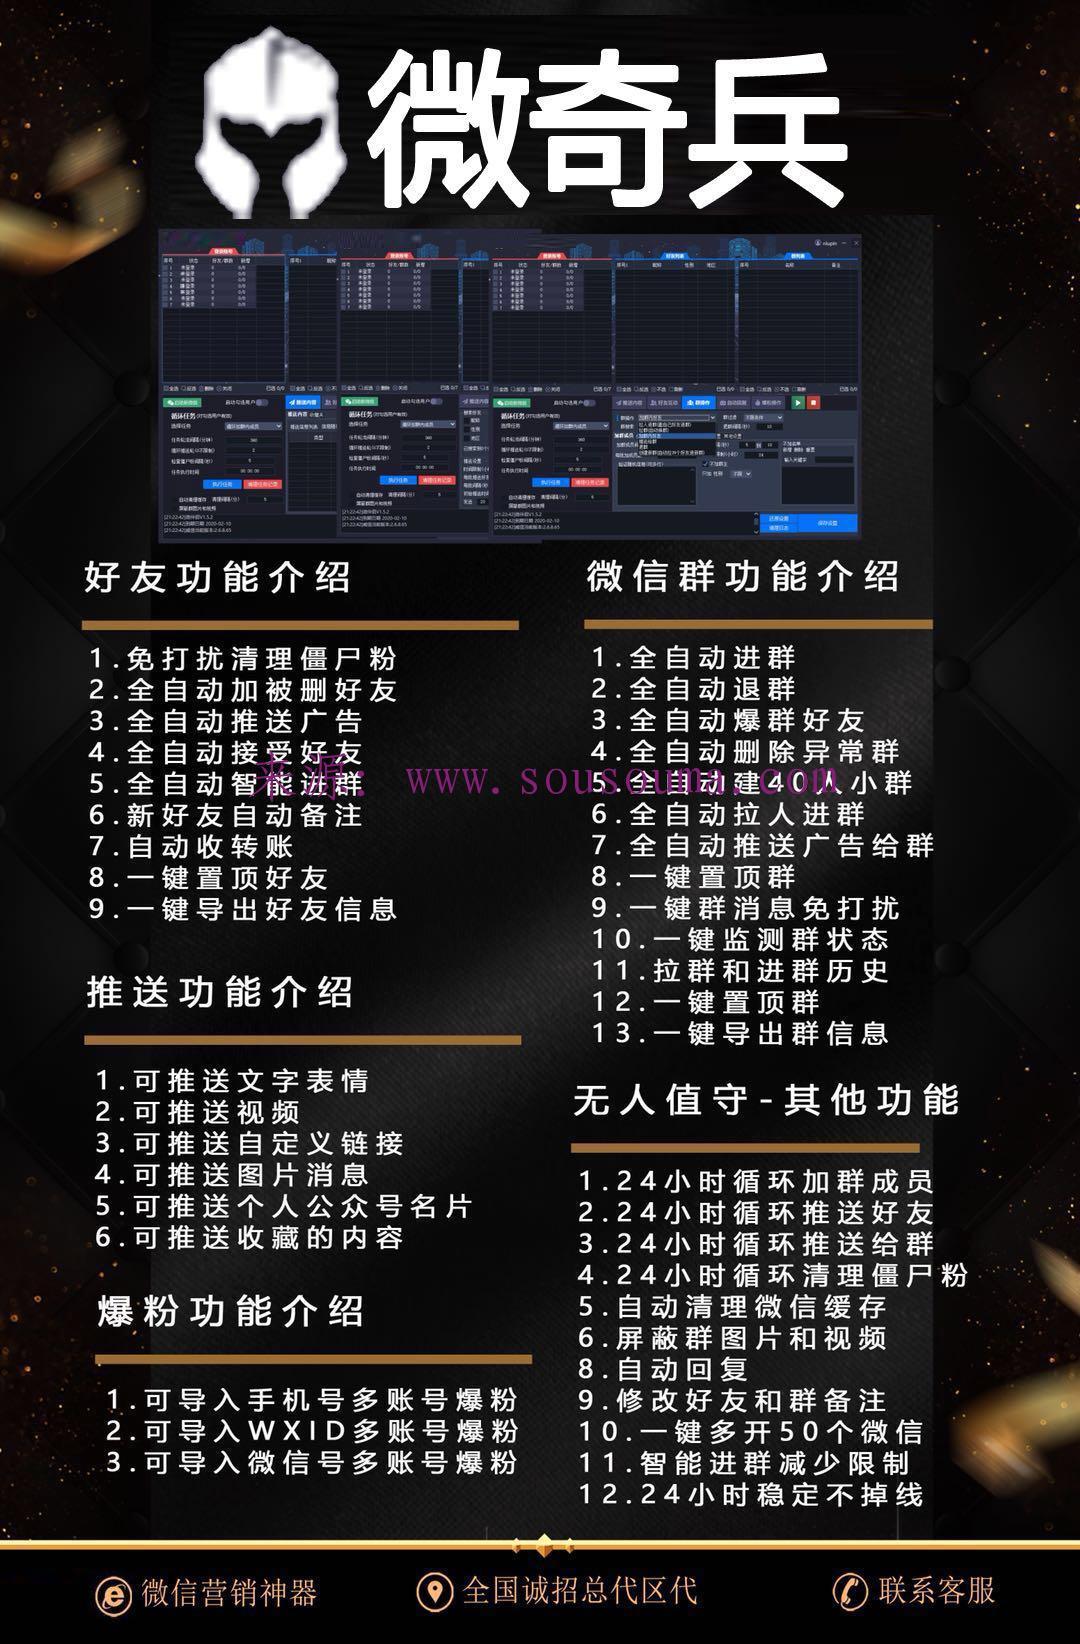 【微奇兵官网】砧板微奇兵电脑软件激活码商城代理授权